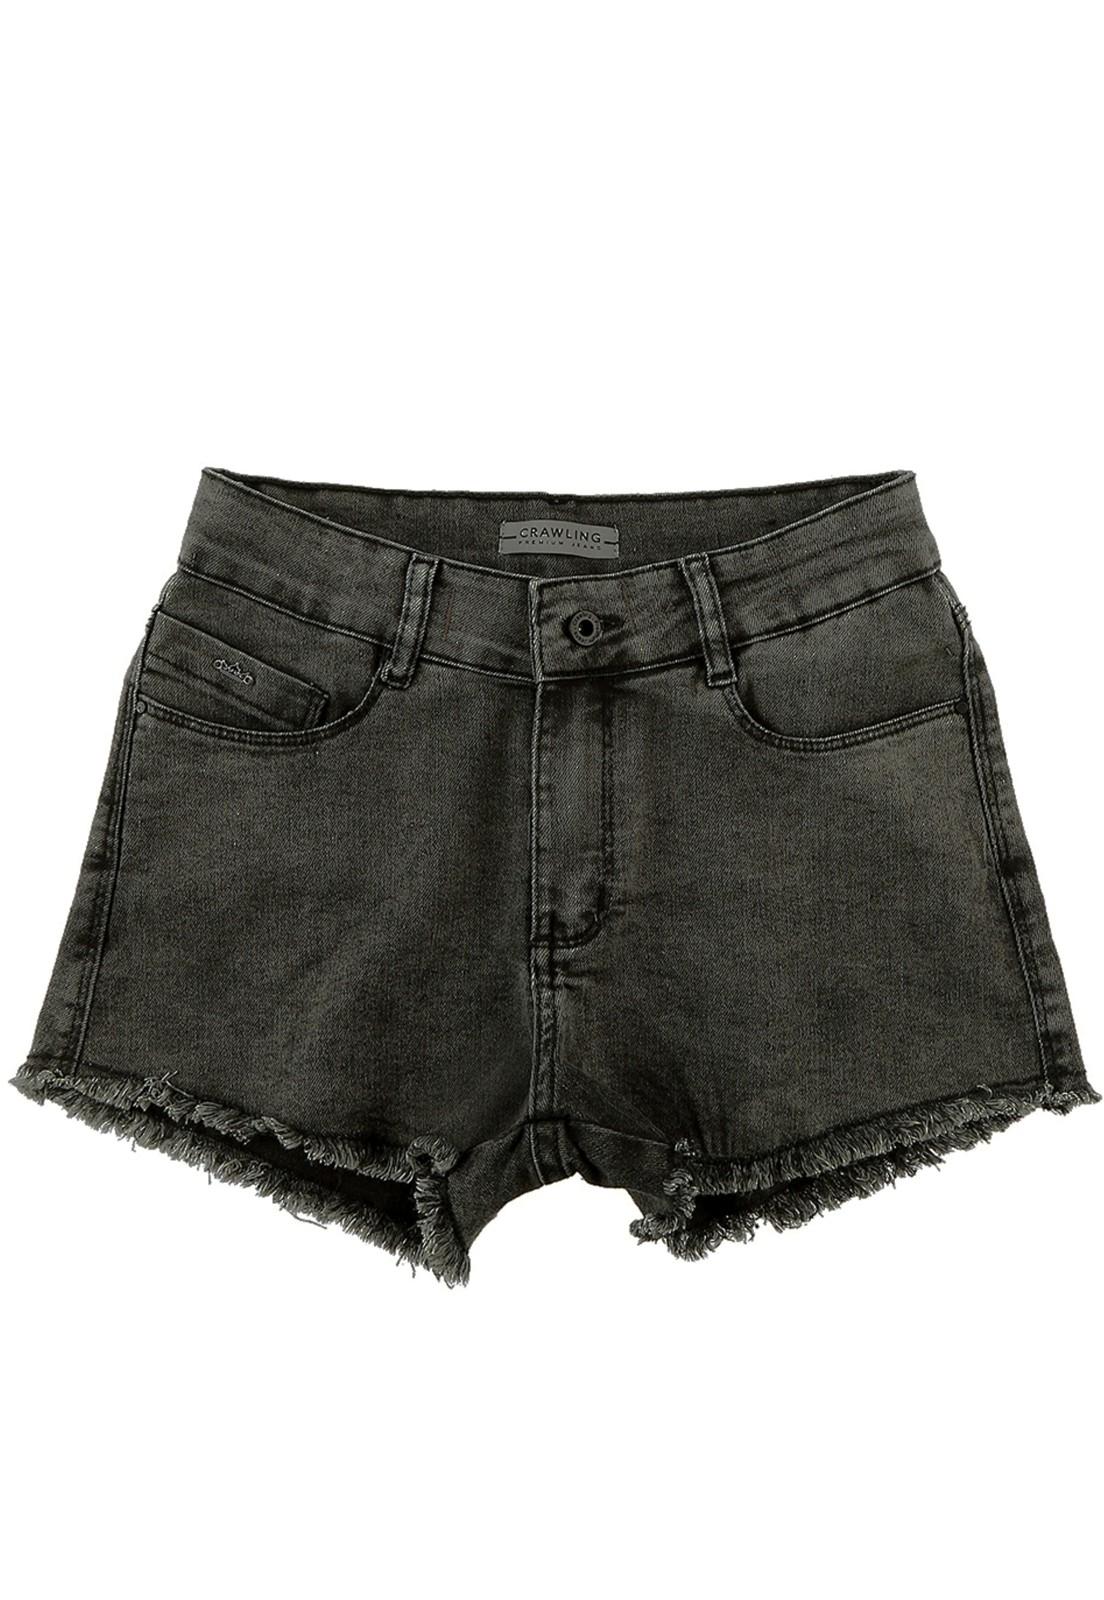 Short Feminino Comfort Crawling Black